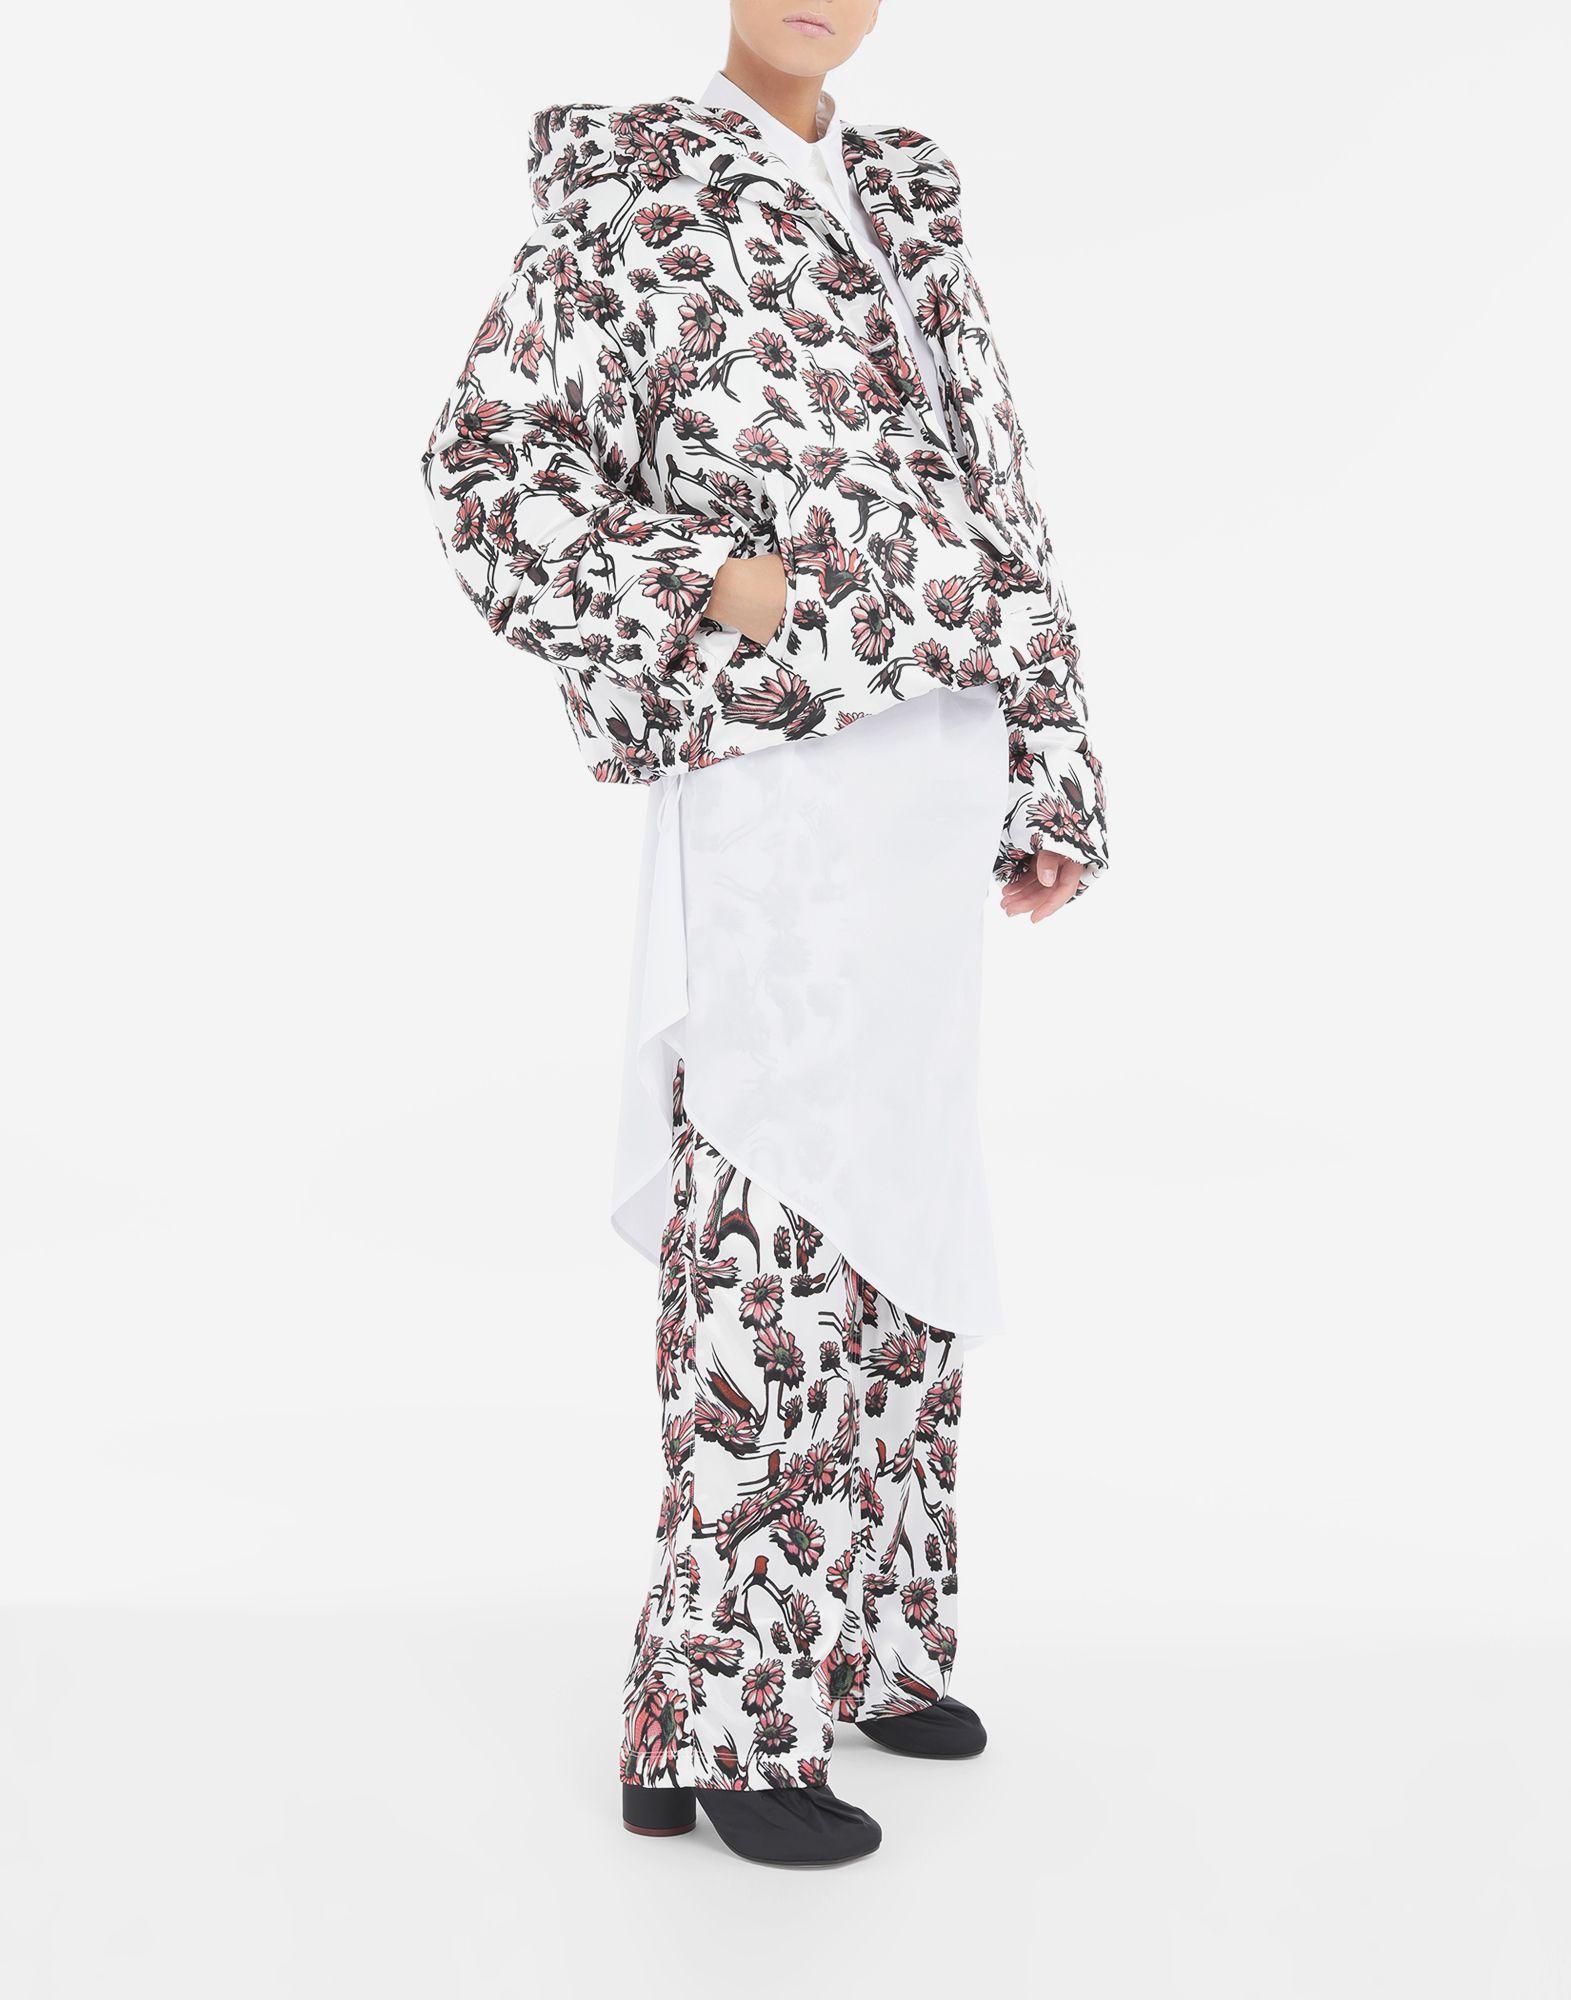 MM6 MAISON MARGIELA Утеплённая куртка с цветочным мотивом Куртка Для Женщин d